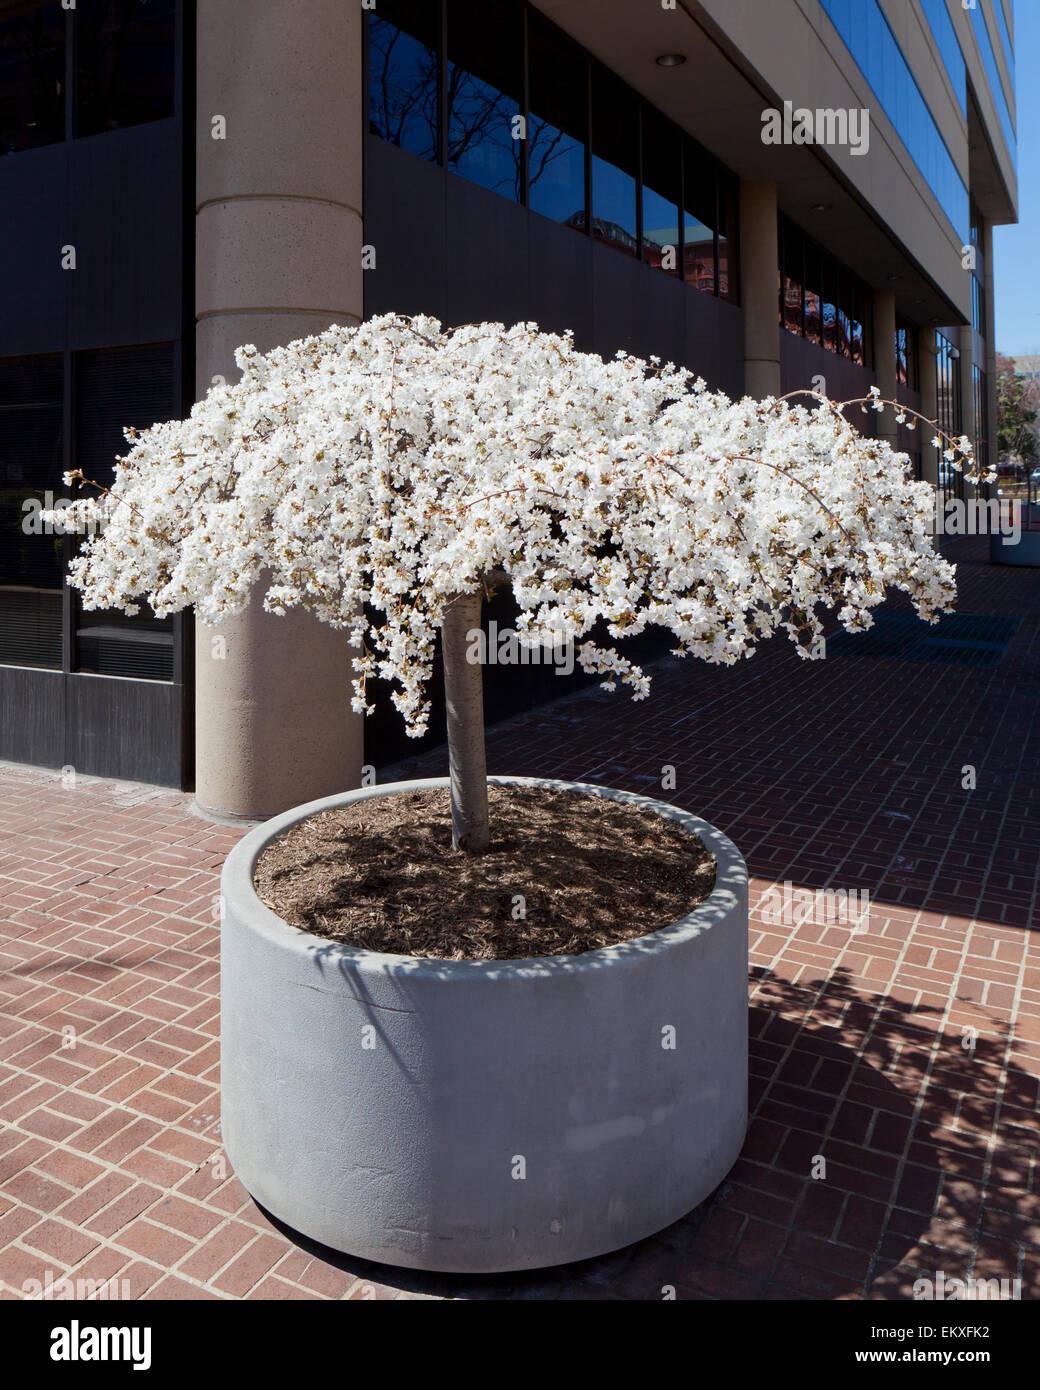 Cerisier pleureur en fleurs contenues dans un semoir, l'extérieur d'un immeuble de bureaux urbains Photo Stock